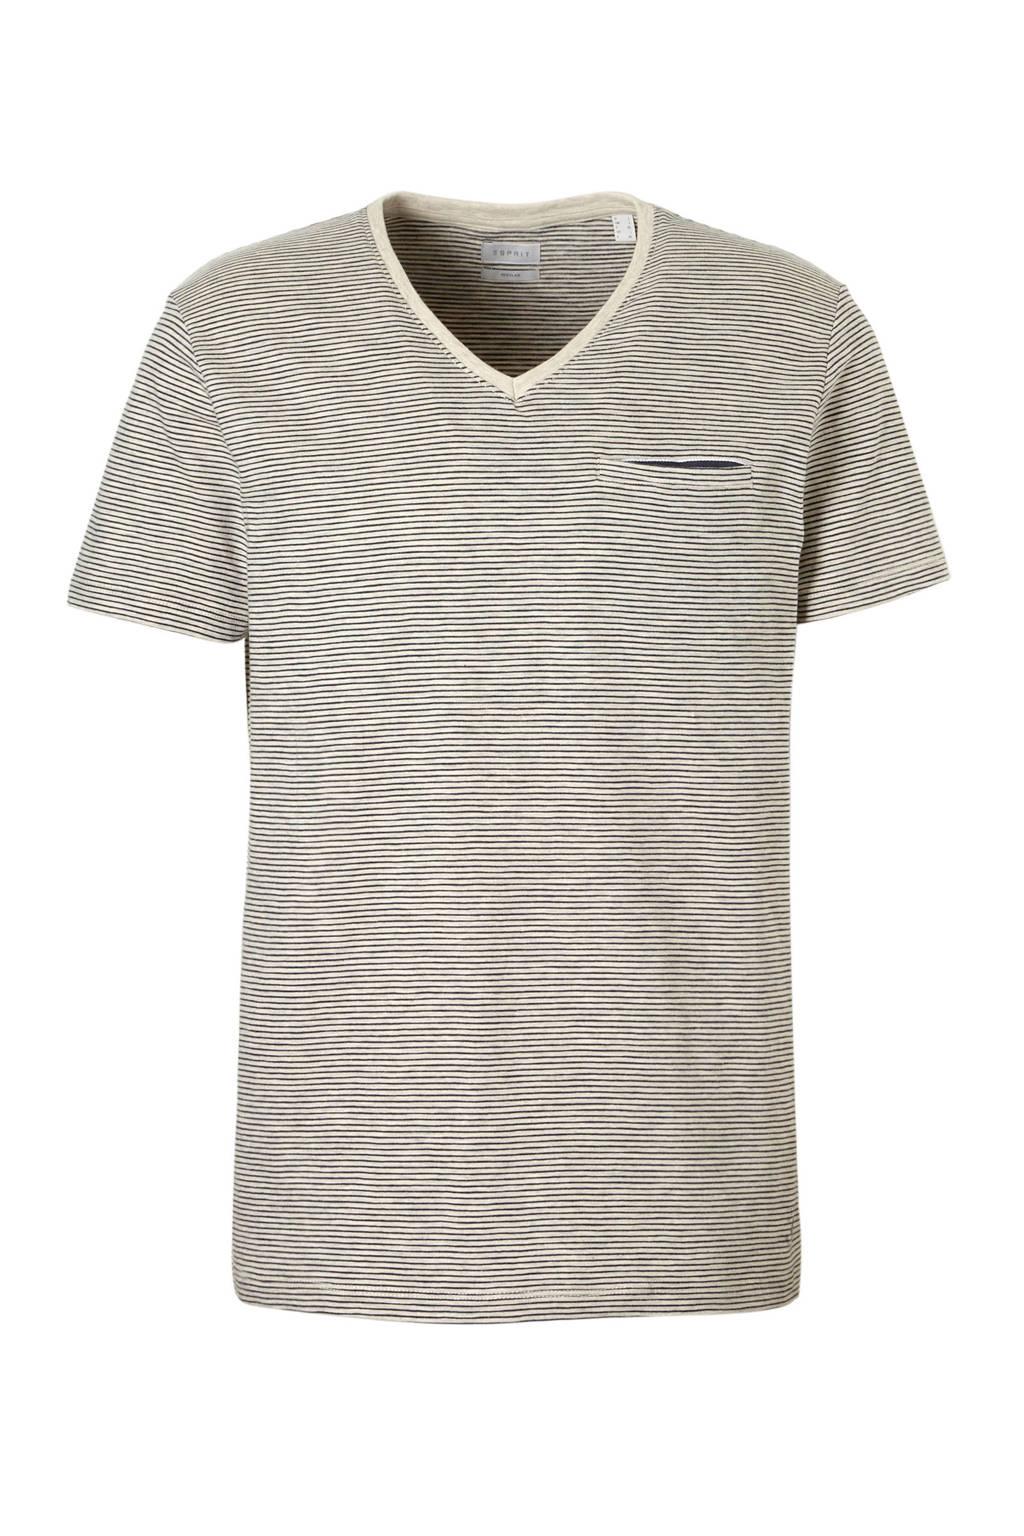 ESPRIT Men Casual T-shirt, Ecru/grijs